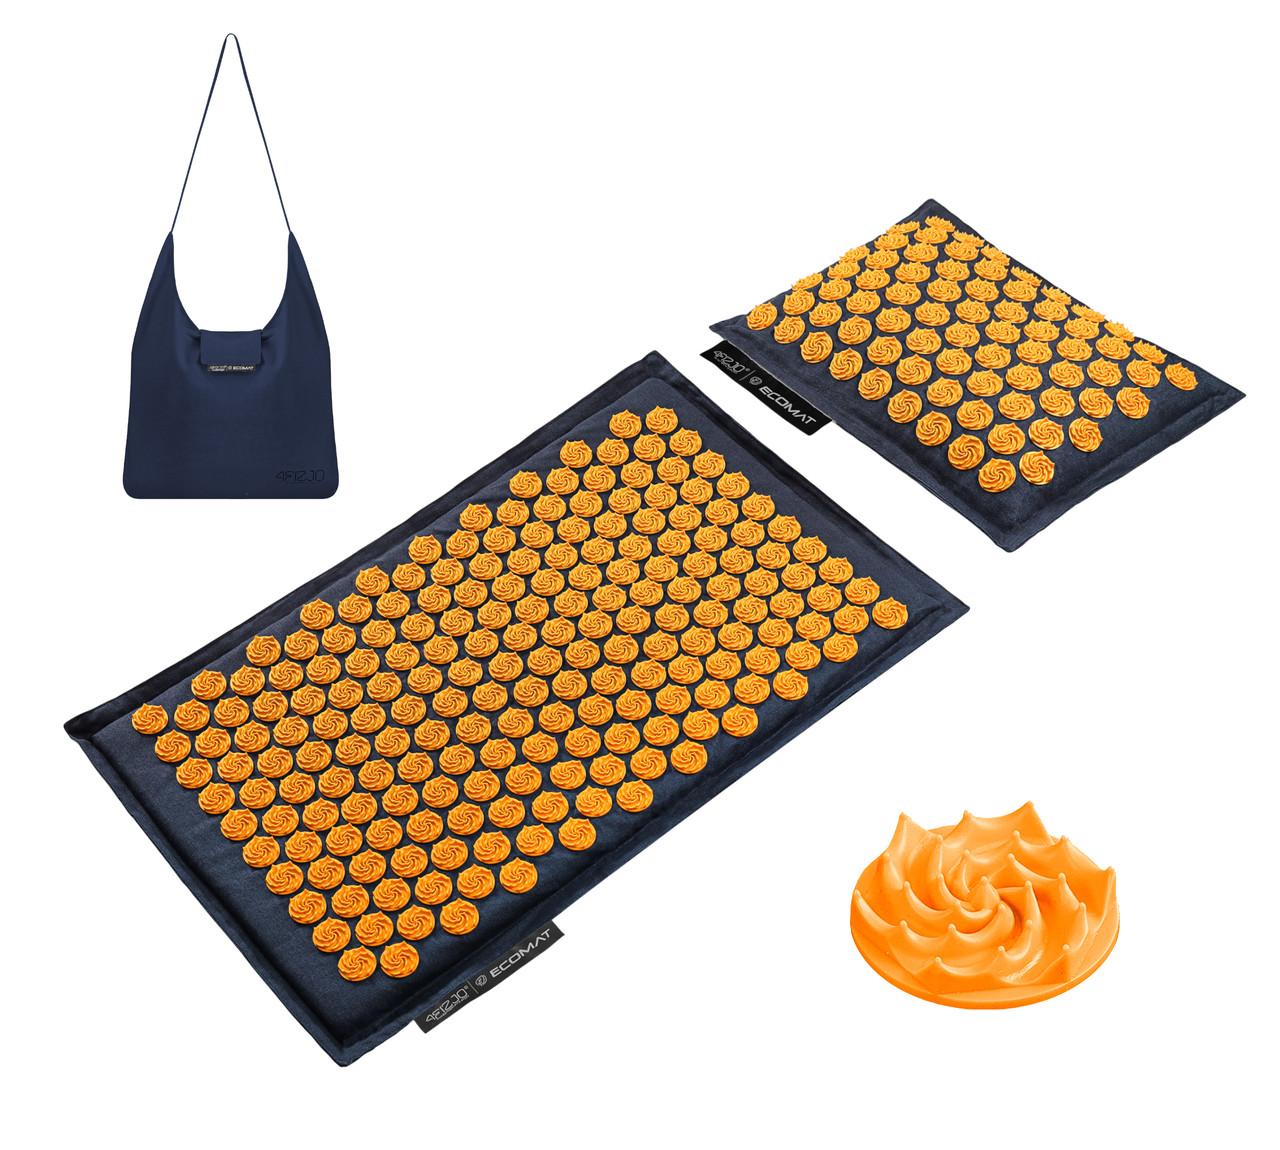 Килимок акупунктурний з подушкою 4FIZJO Eco Mat Аплікатор Кузнєцова 68 x 42 см 4FJ0229 Navy Blue/Orange